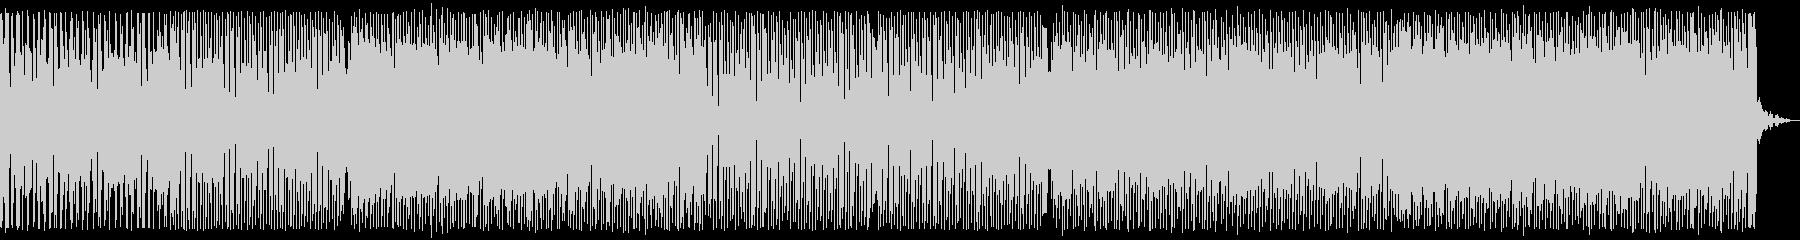 キラキラ。アパレル。ディスコ。の未再生の波形